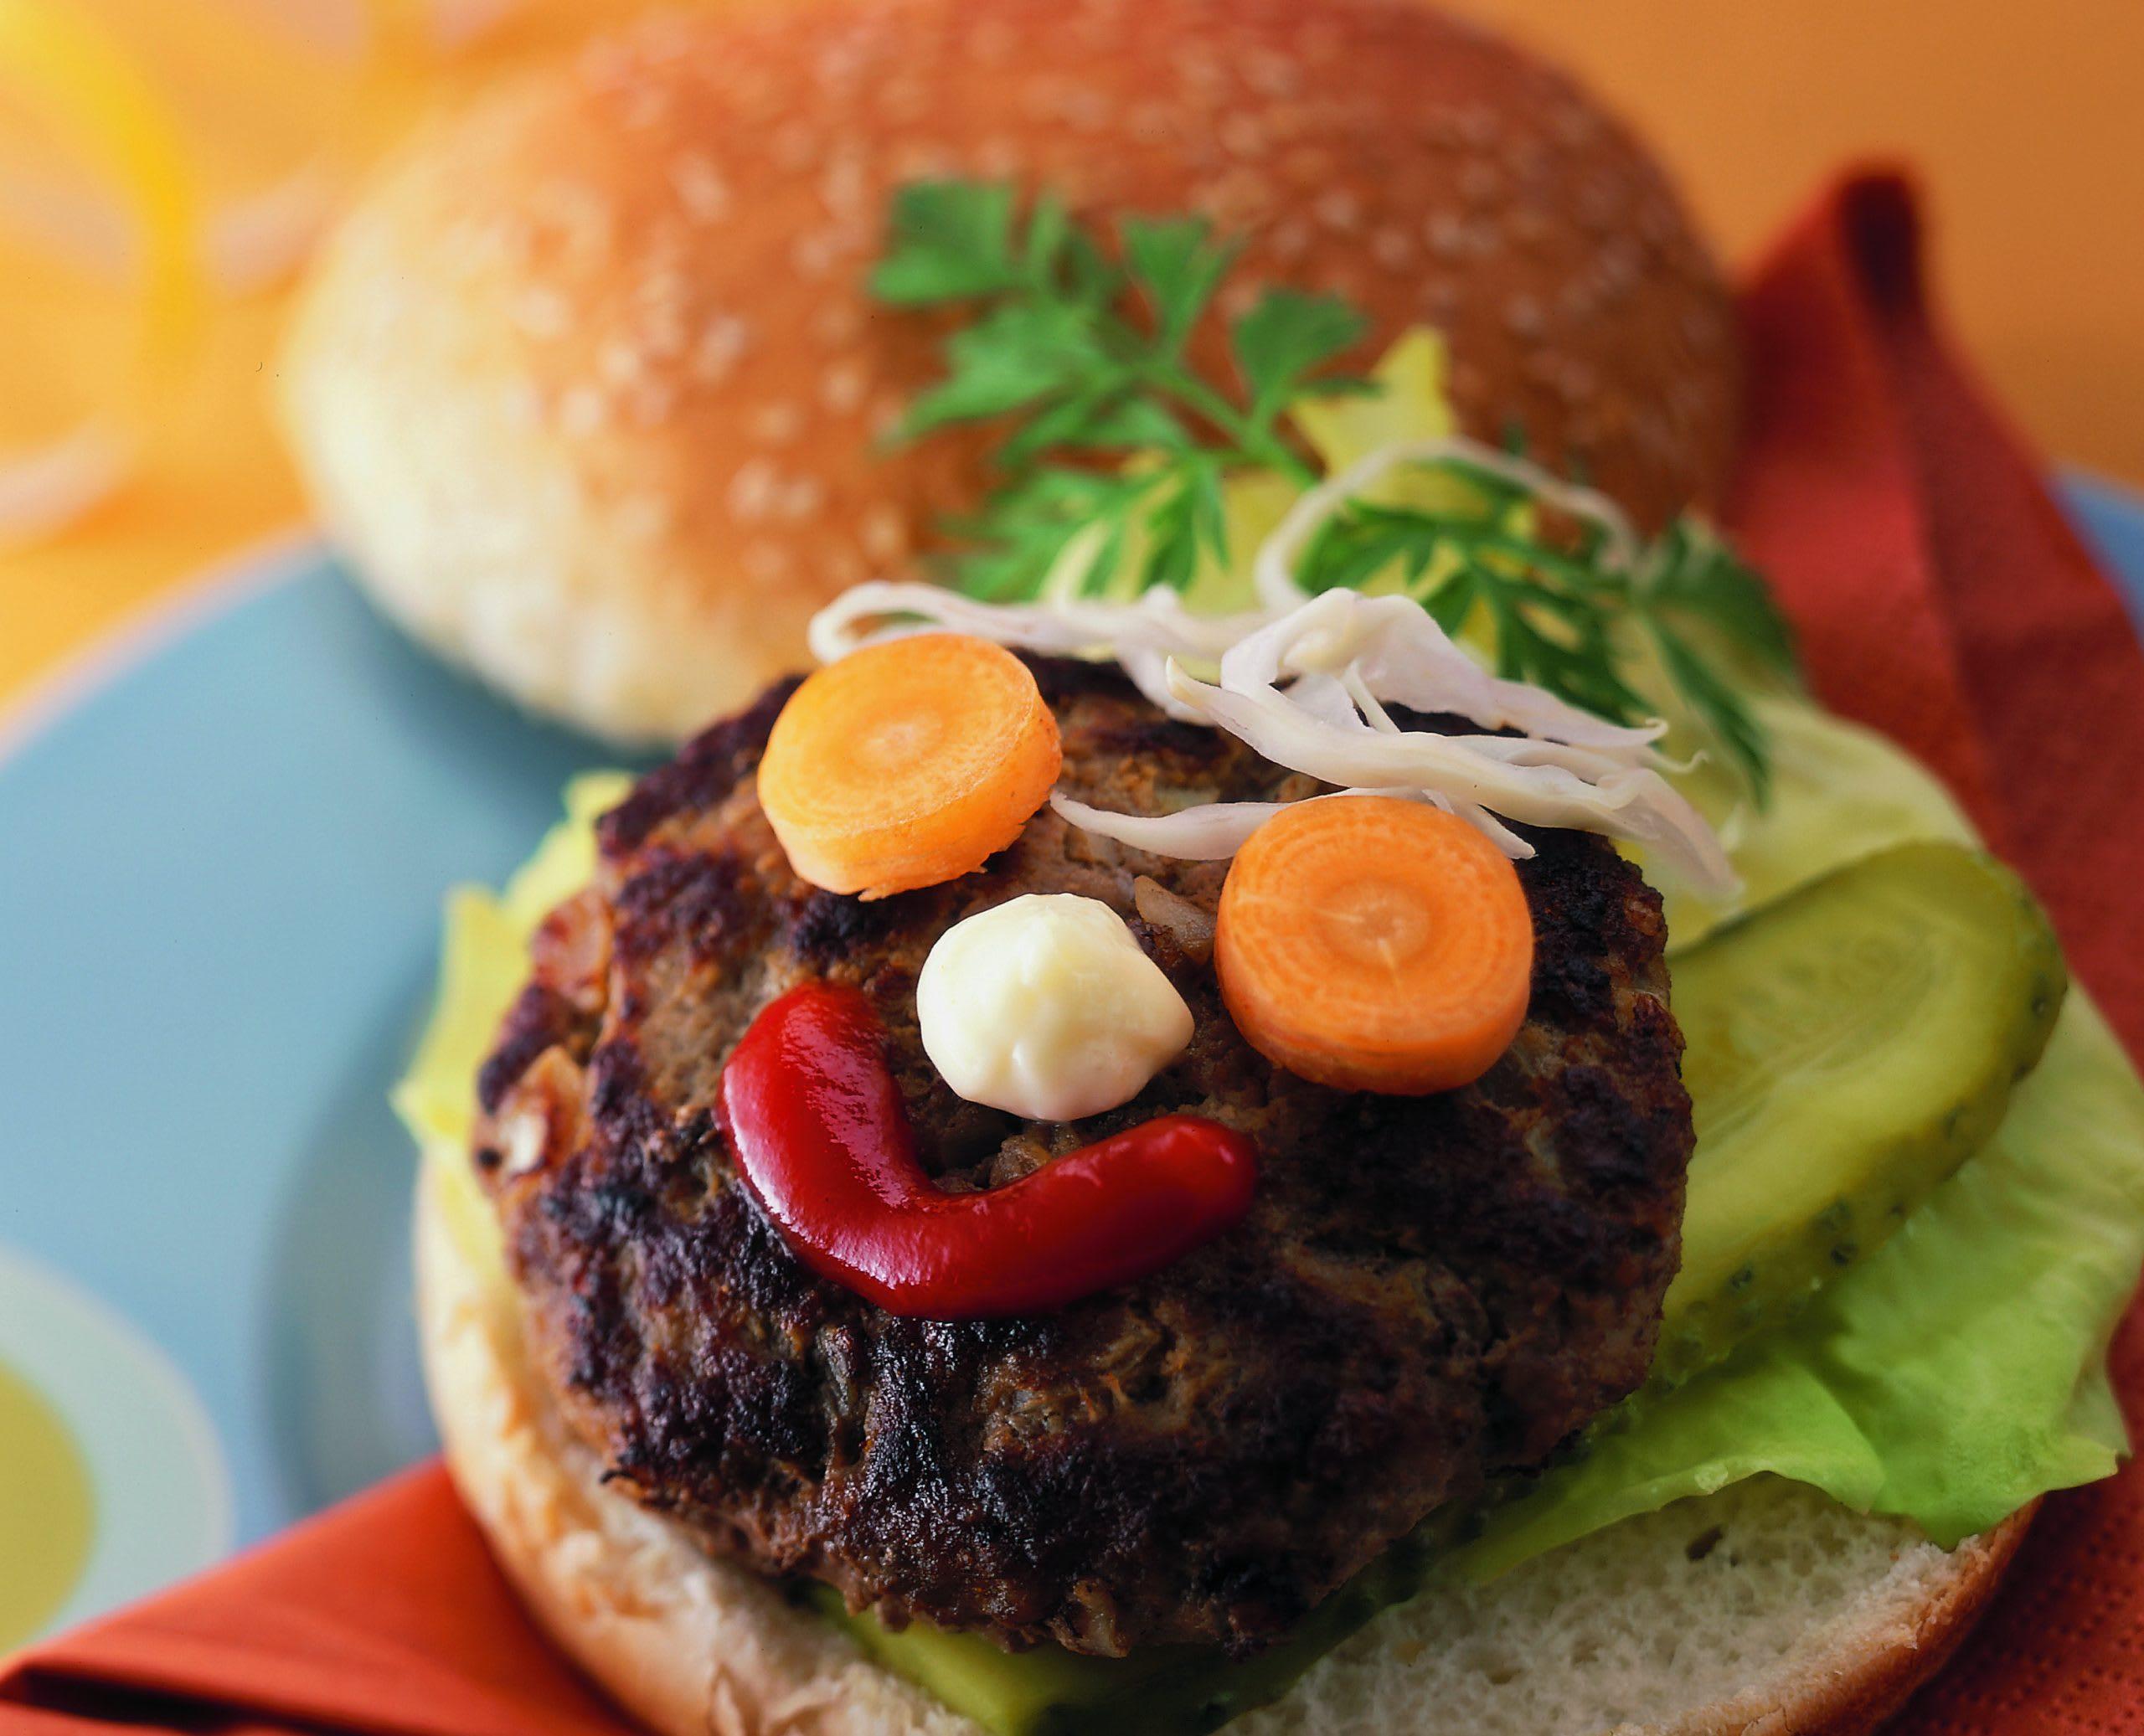 Bunter Gemüse-Rindfleisch-Burger